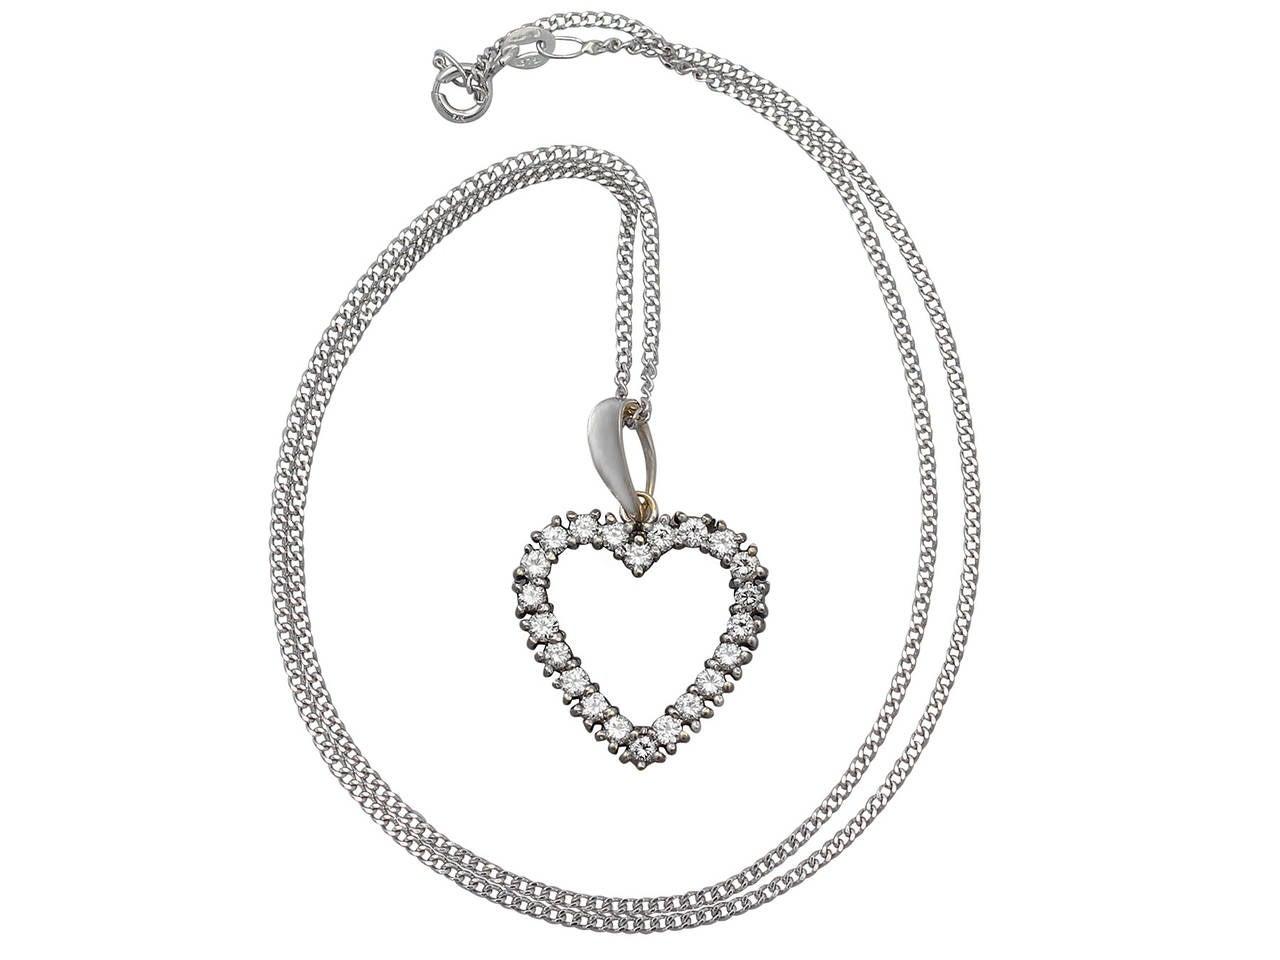 1.20Ct Diamond and 18k White Gold Heart Pendant - Vintage European ...